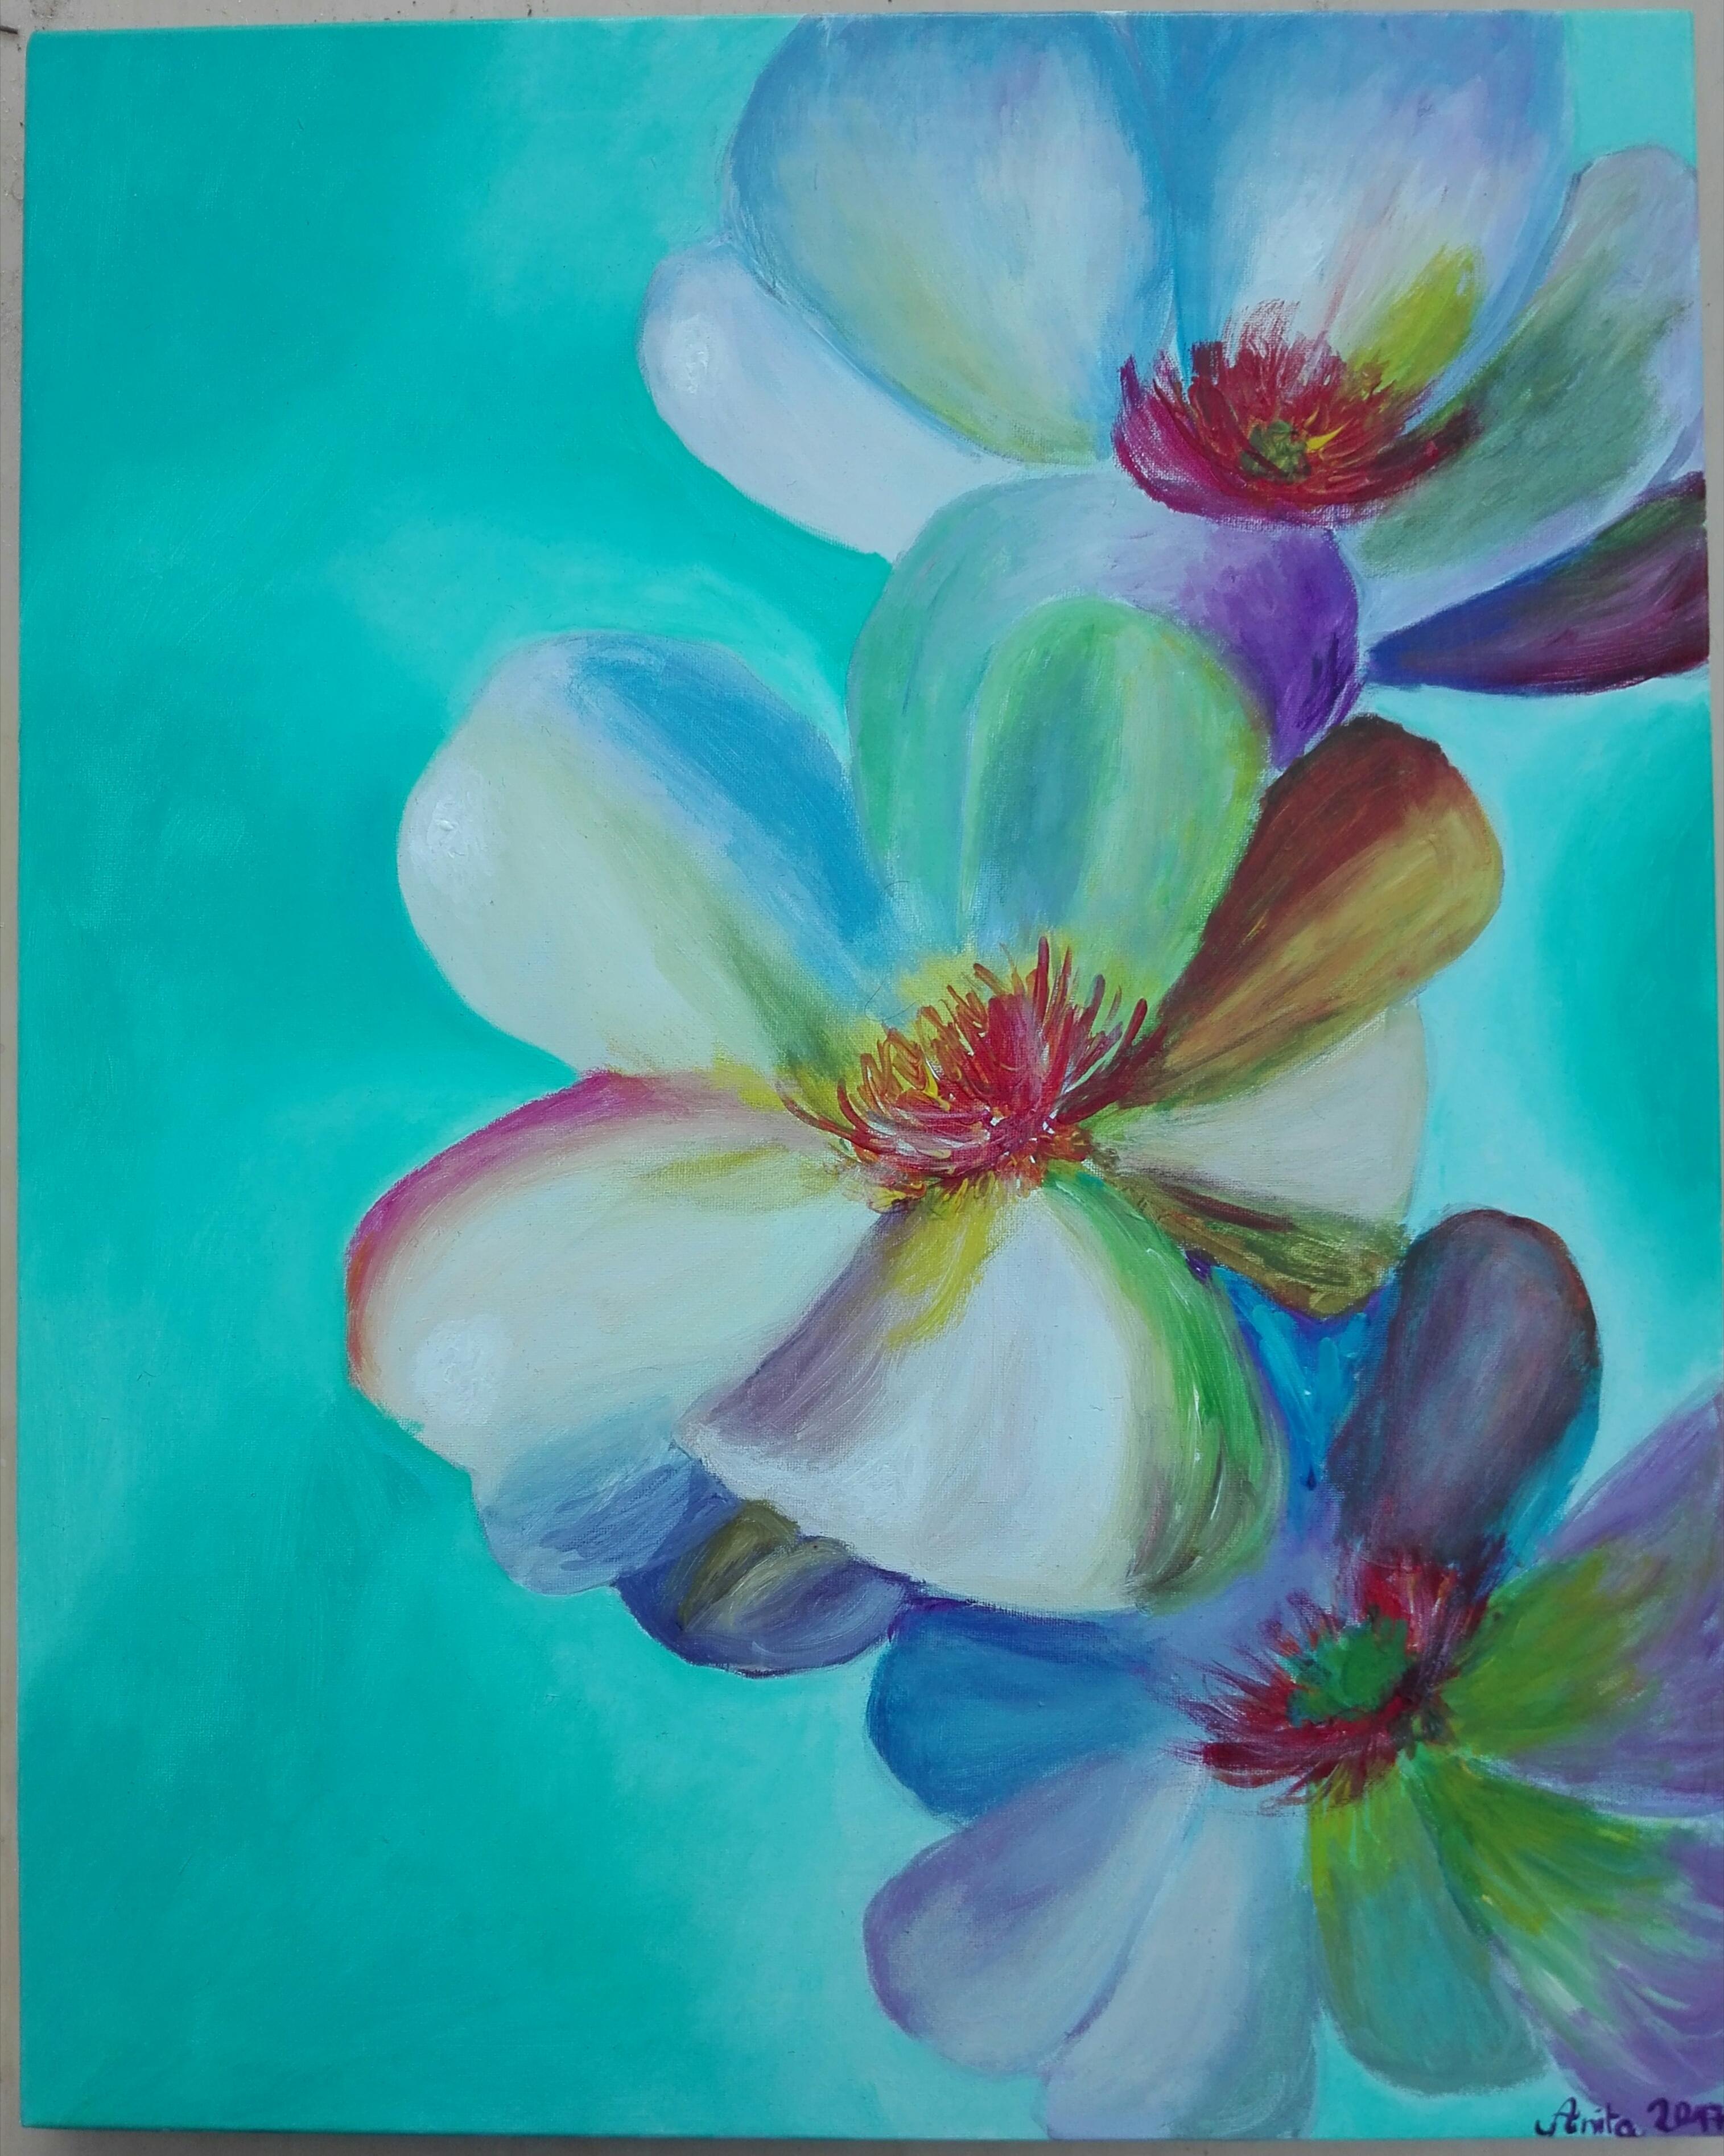 La_vie_à_fleur_de_peau